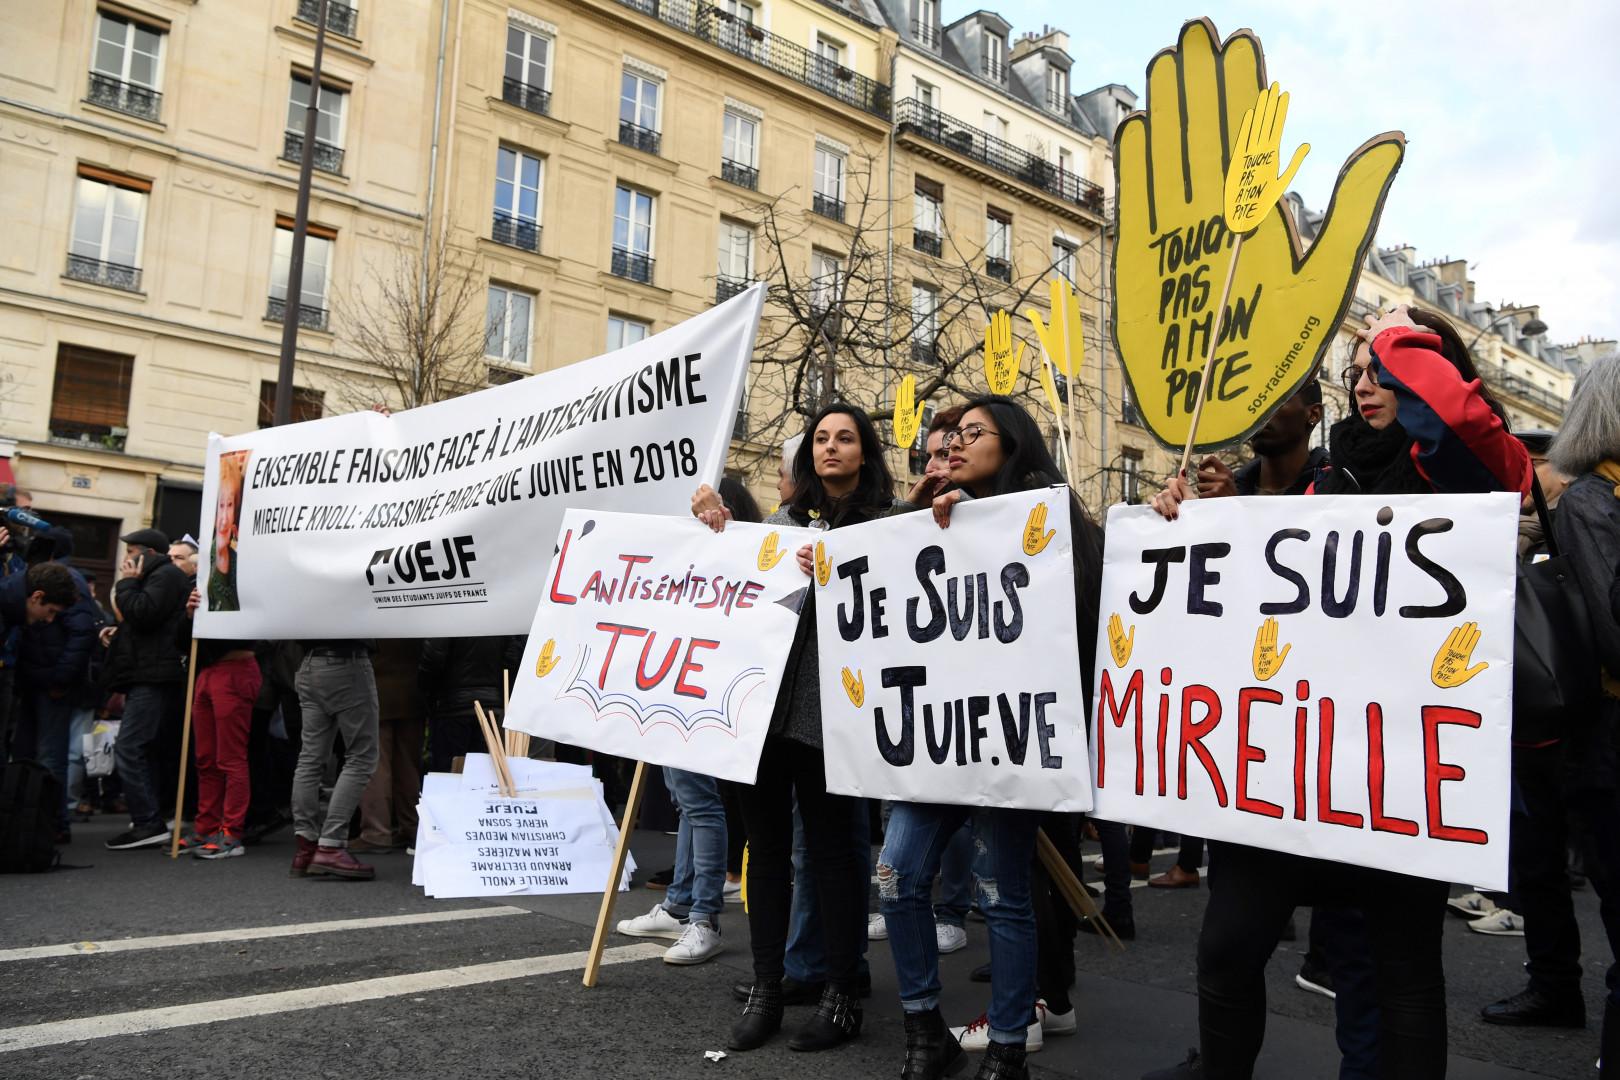 Des milliers de personnes se sont réunies place de la Nation, à Paris, lors de la marche blanche en hommage à Mireille Knoll